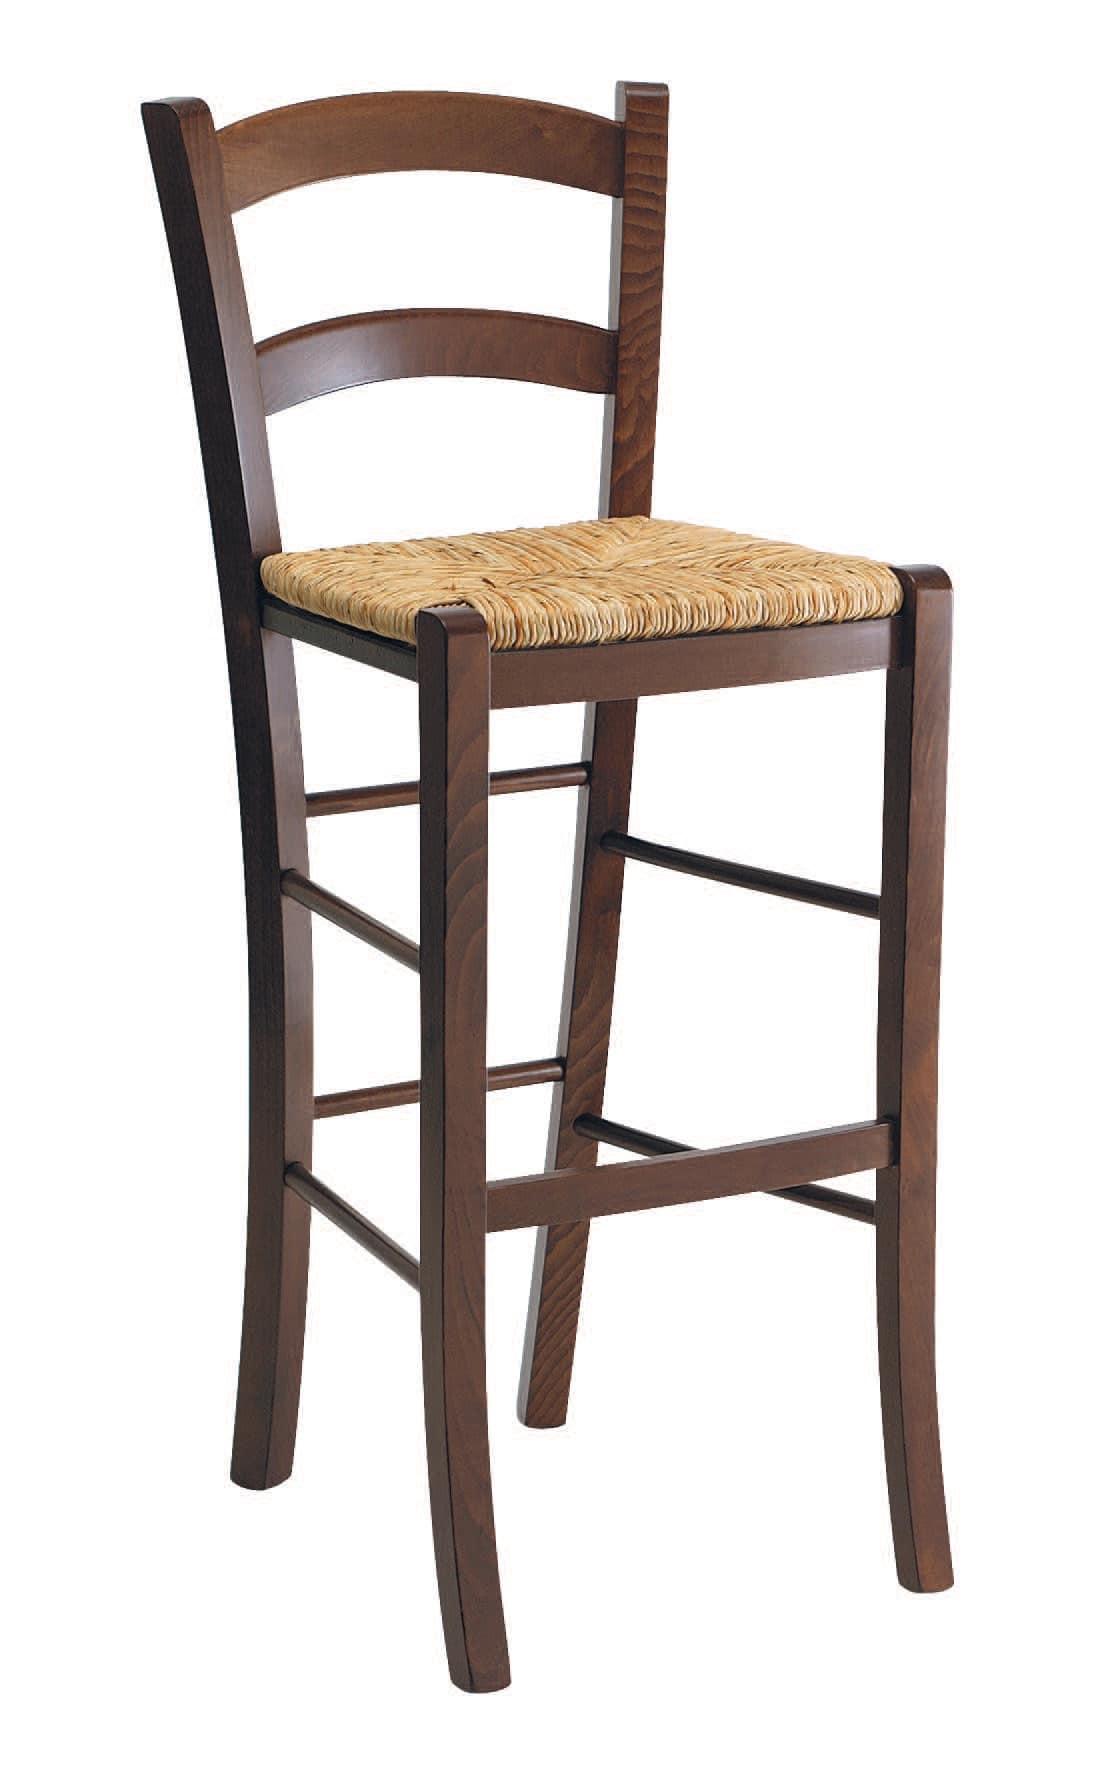 SG 119, Rustikaler Hocker aus Holz mit Sitzfläche, für Bars